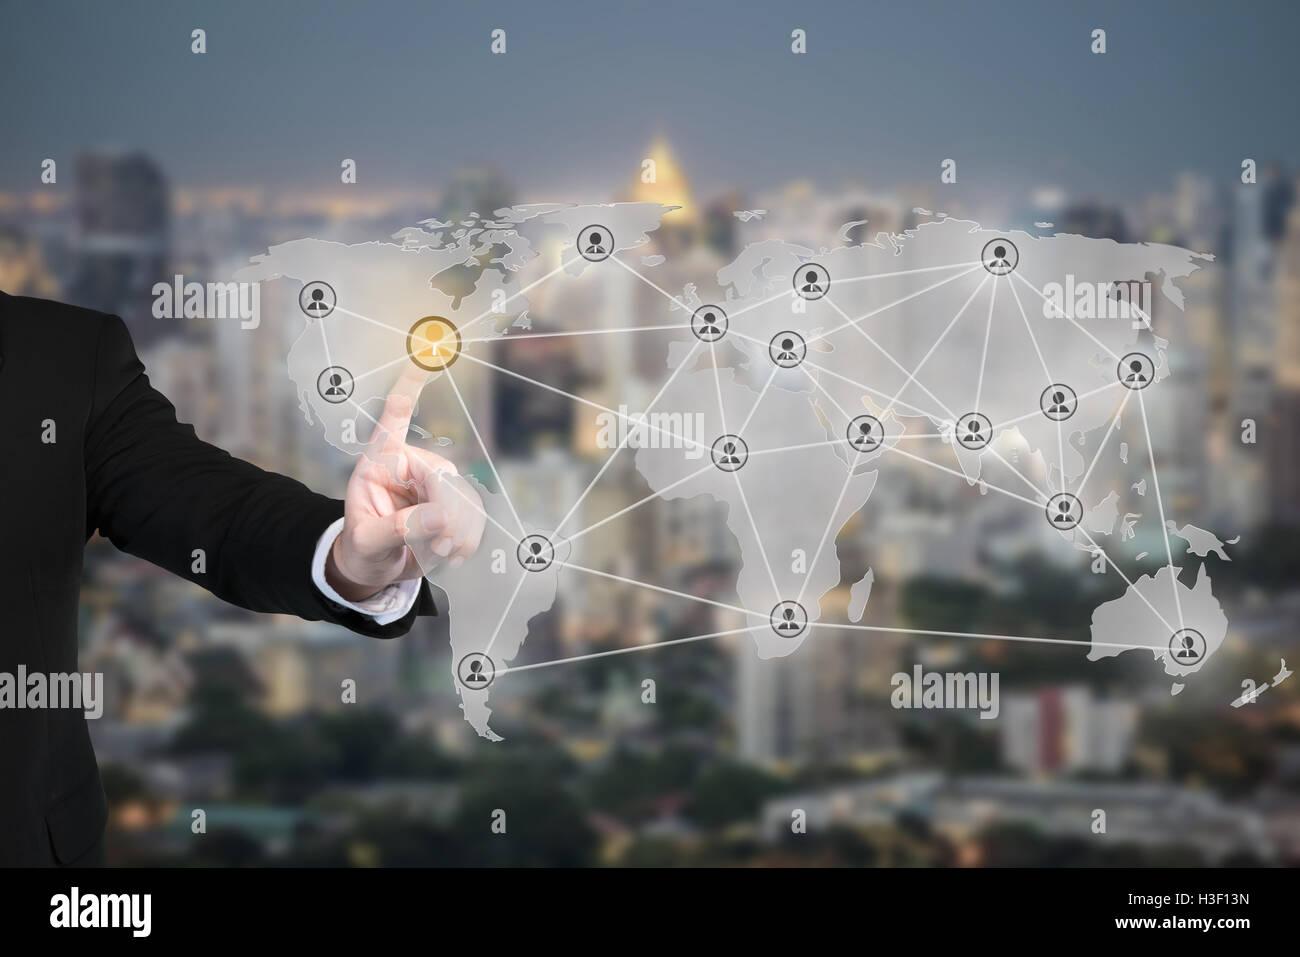 Imprenditore moderno di pressatura del partenariato sociale in rete i pulsanti di collegamento su sfondo avirtual. Immagini Stock